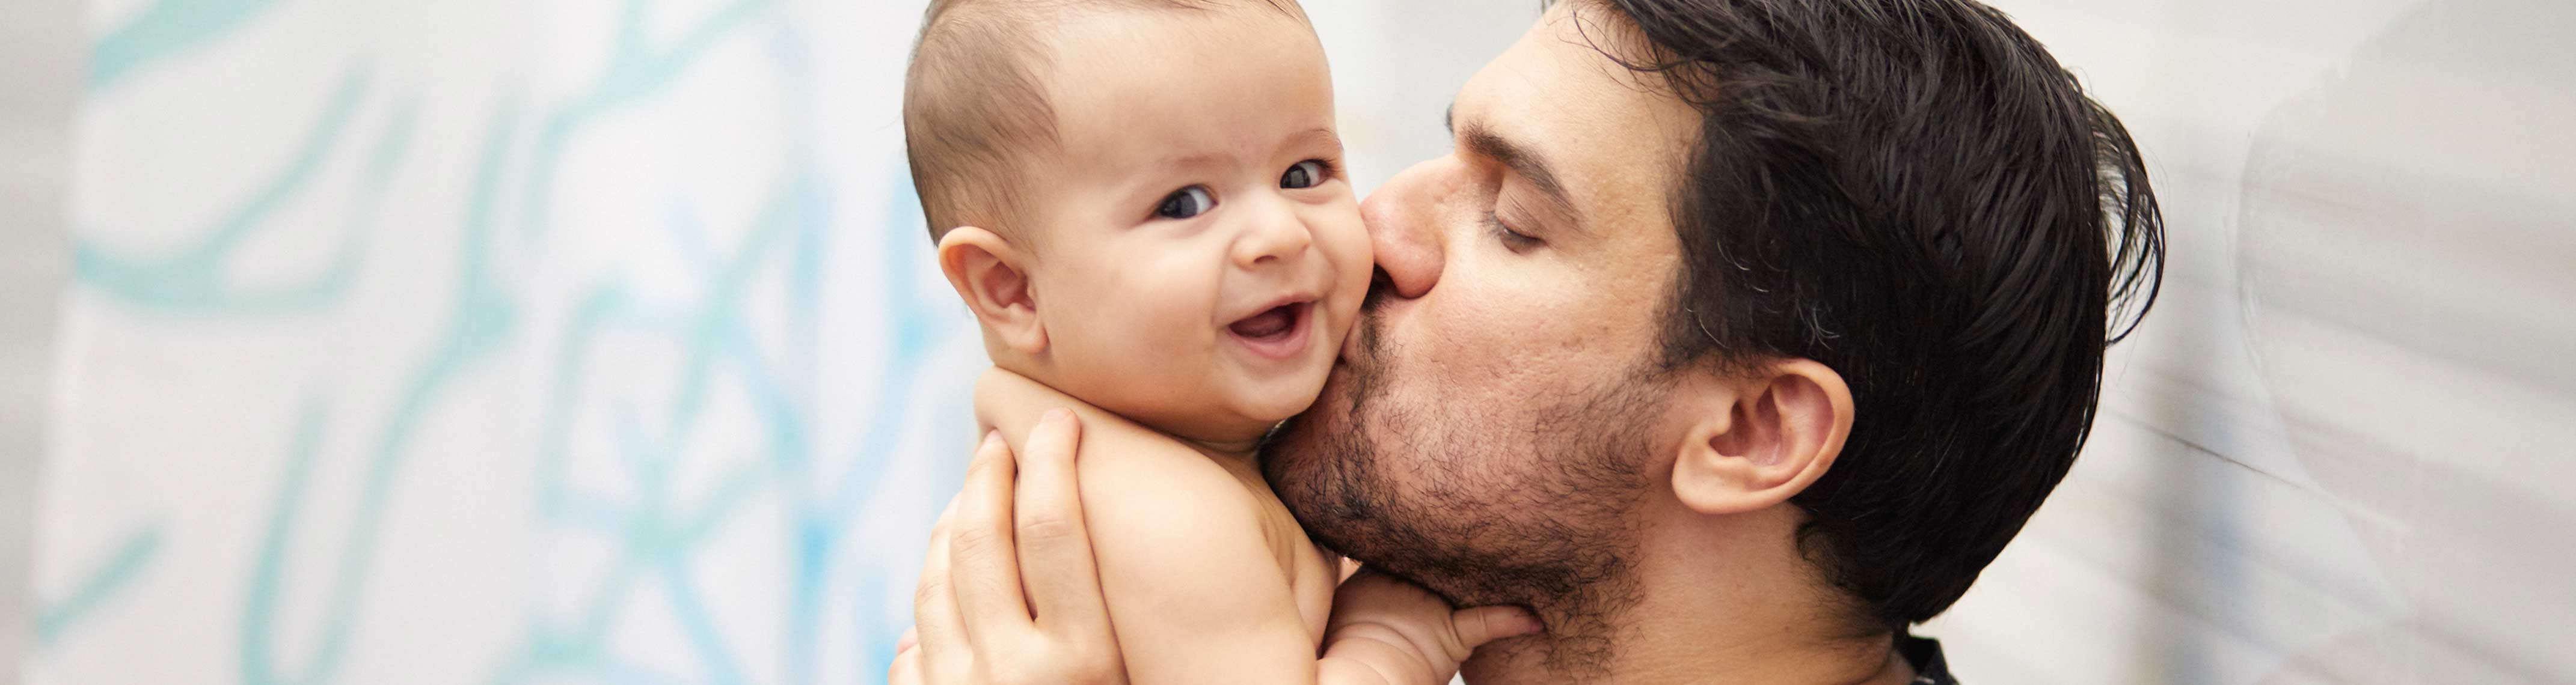 Homem sentado beijando as bochechas de um bebê